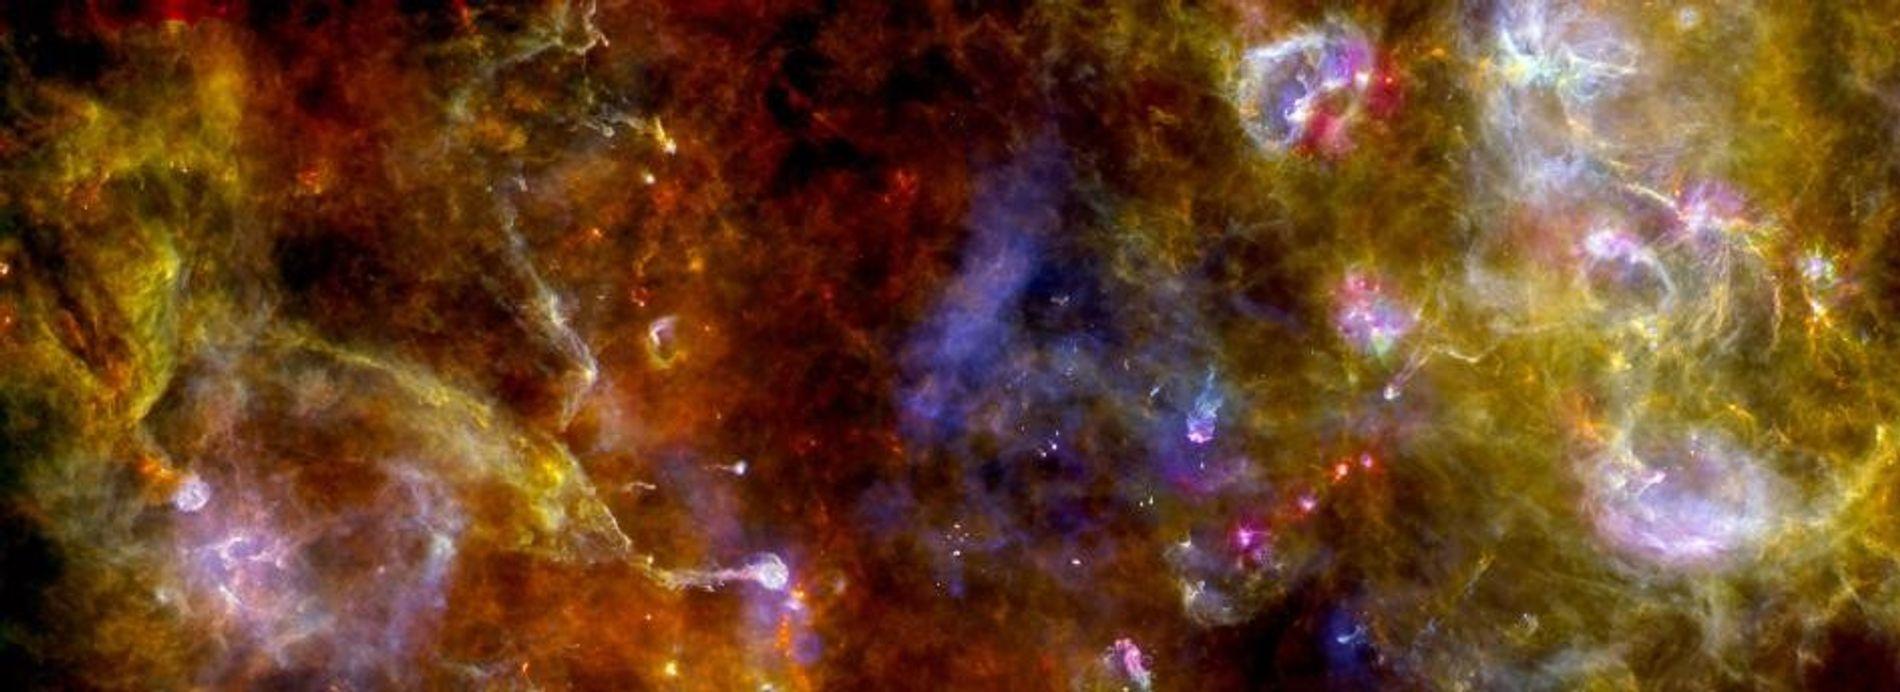 La région de formation d'étoiles de la constellation du Cygne vue aux rayons X.